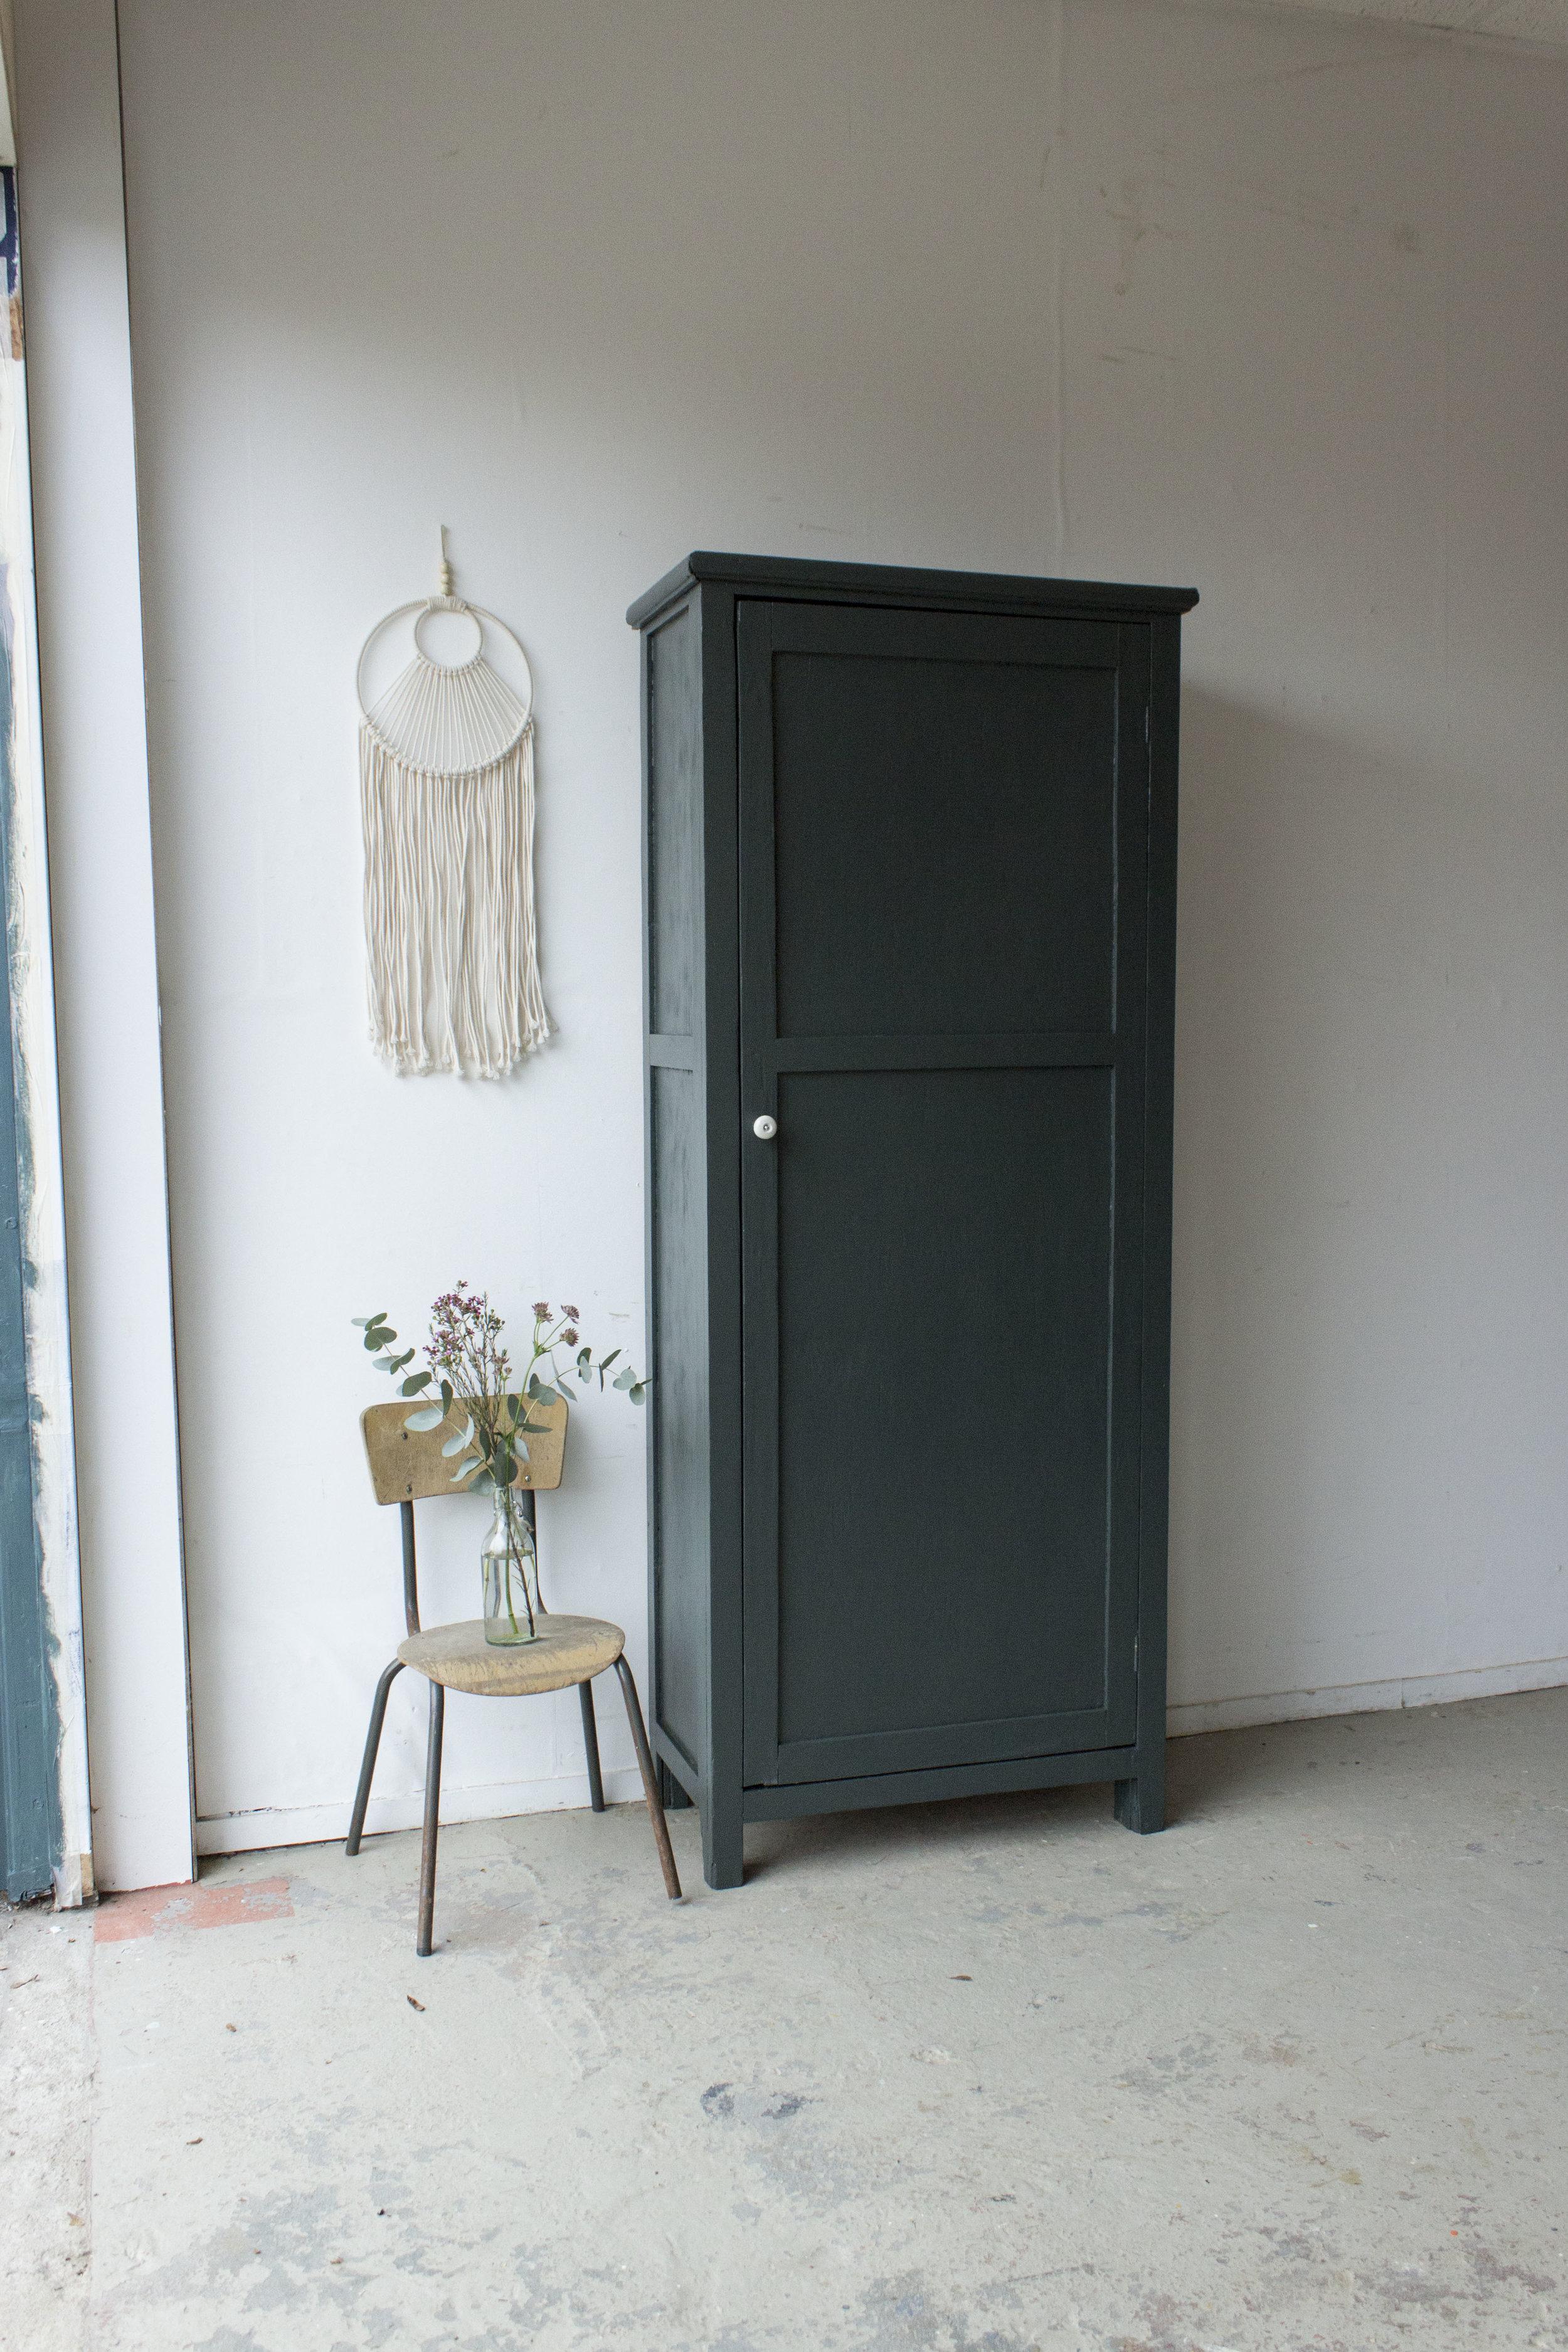 1457 - woudgroene vintage kledingkast - Firma zoethout.jpg